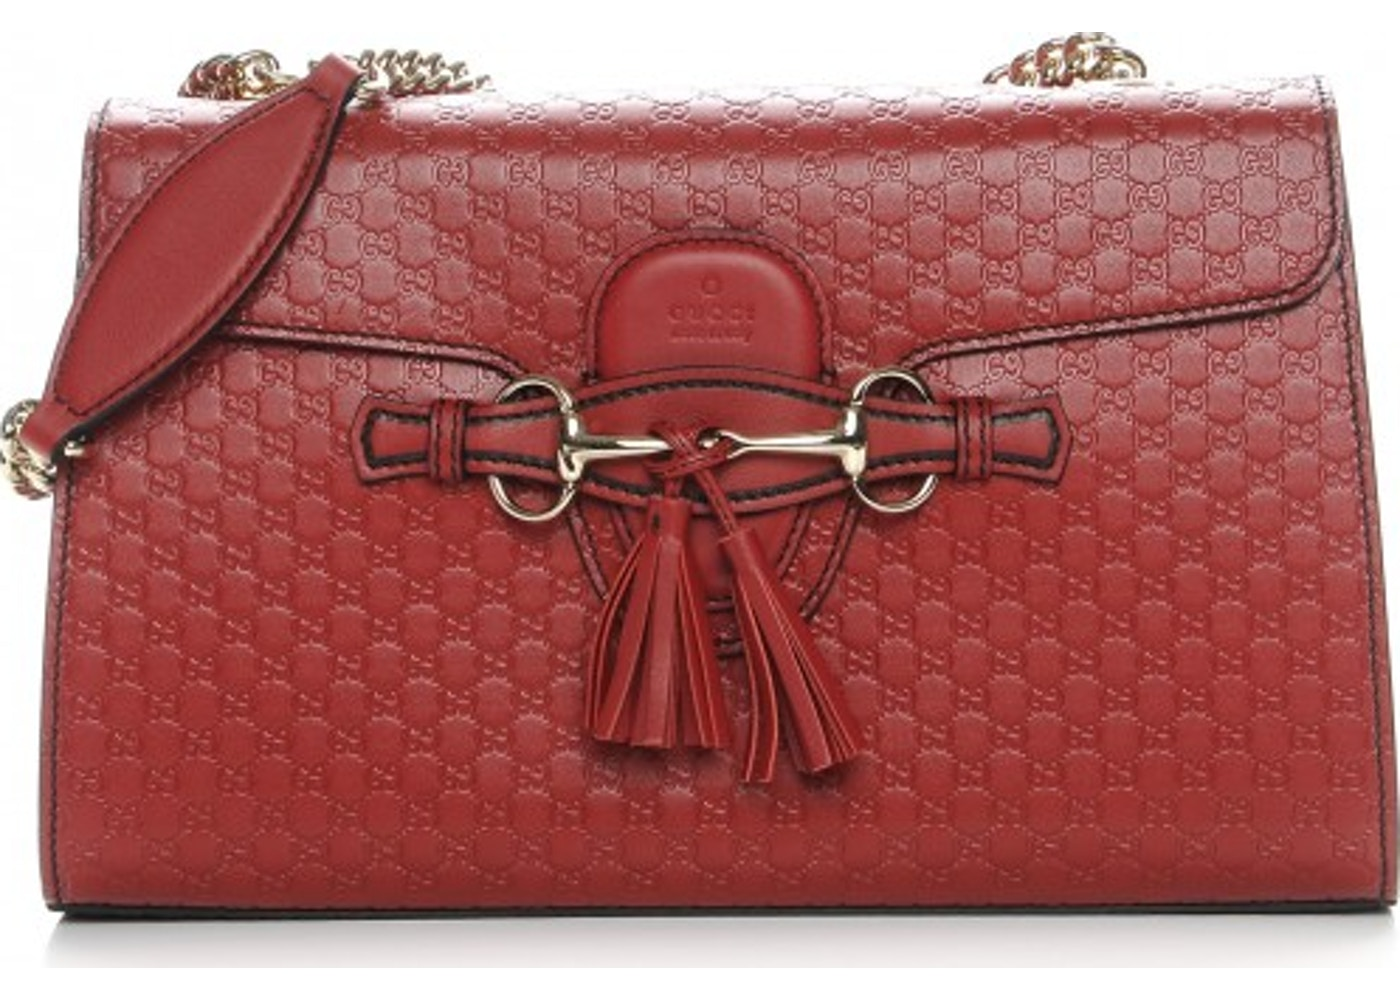 88cca180943 Gucci Emily Shoulder Bag Monogram Microguccissima Medium Red. Monogram  Microguccissima Medium Red